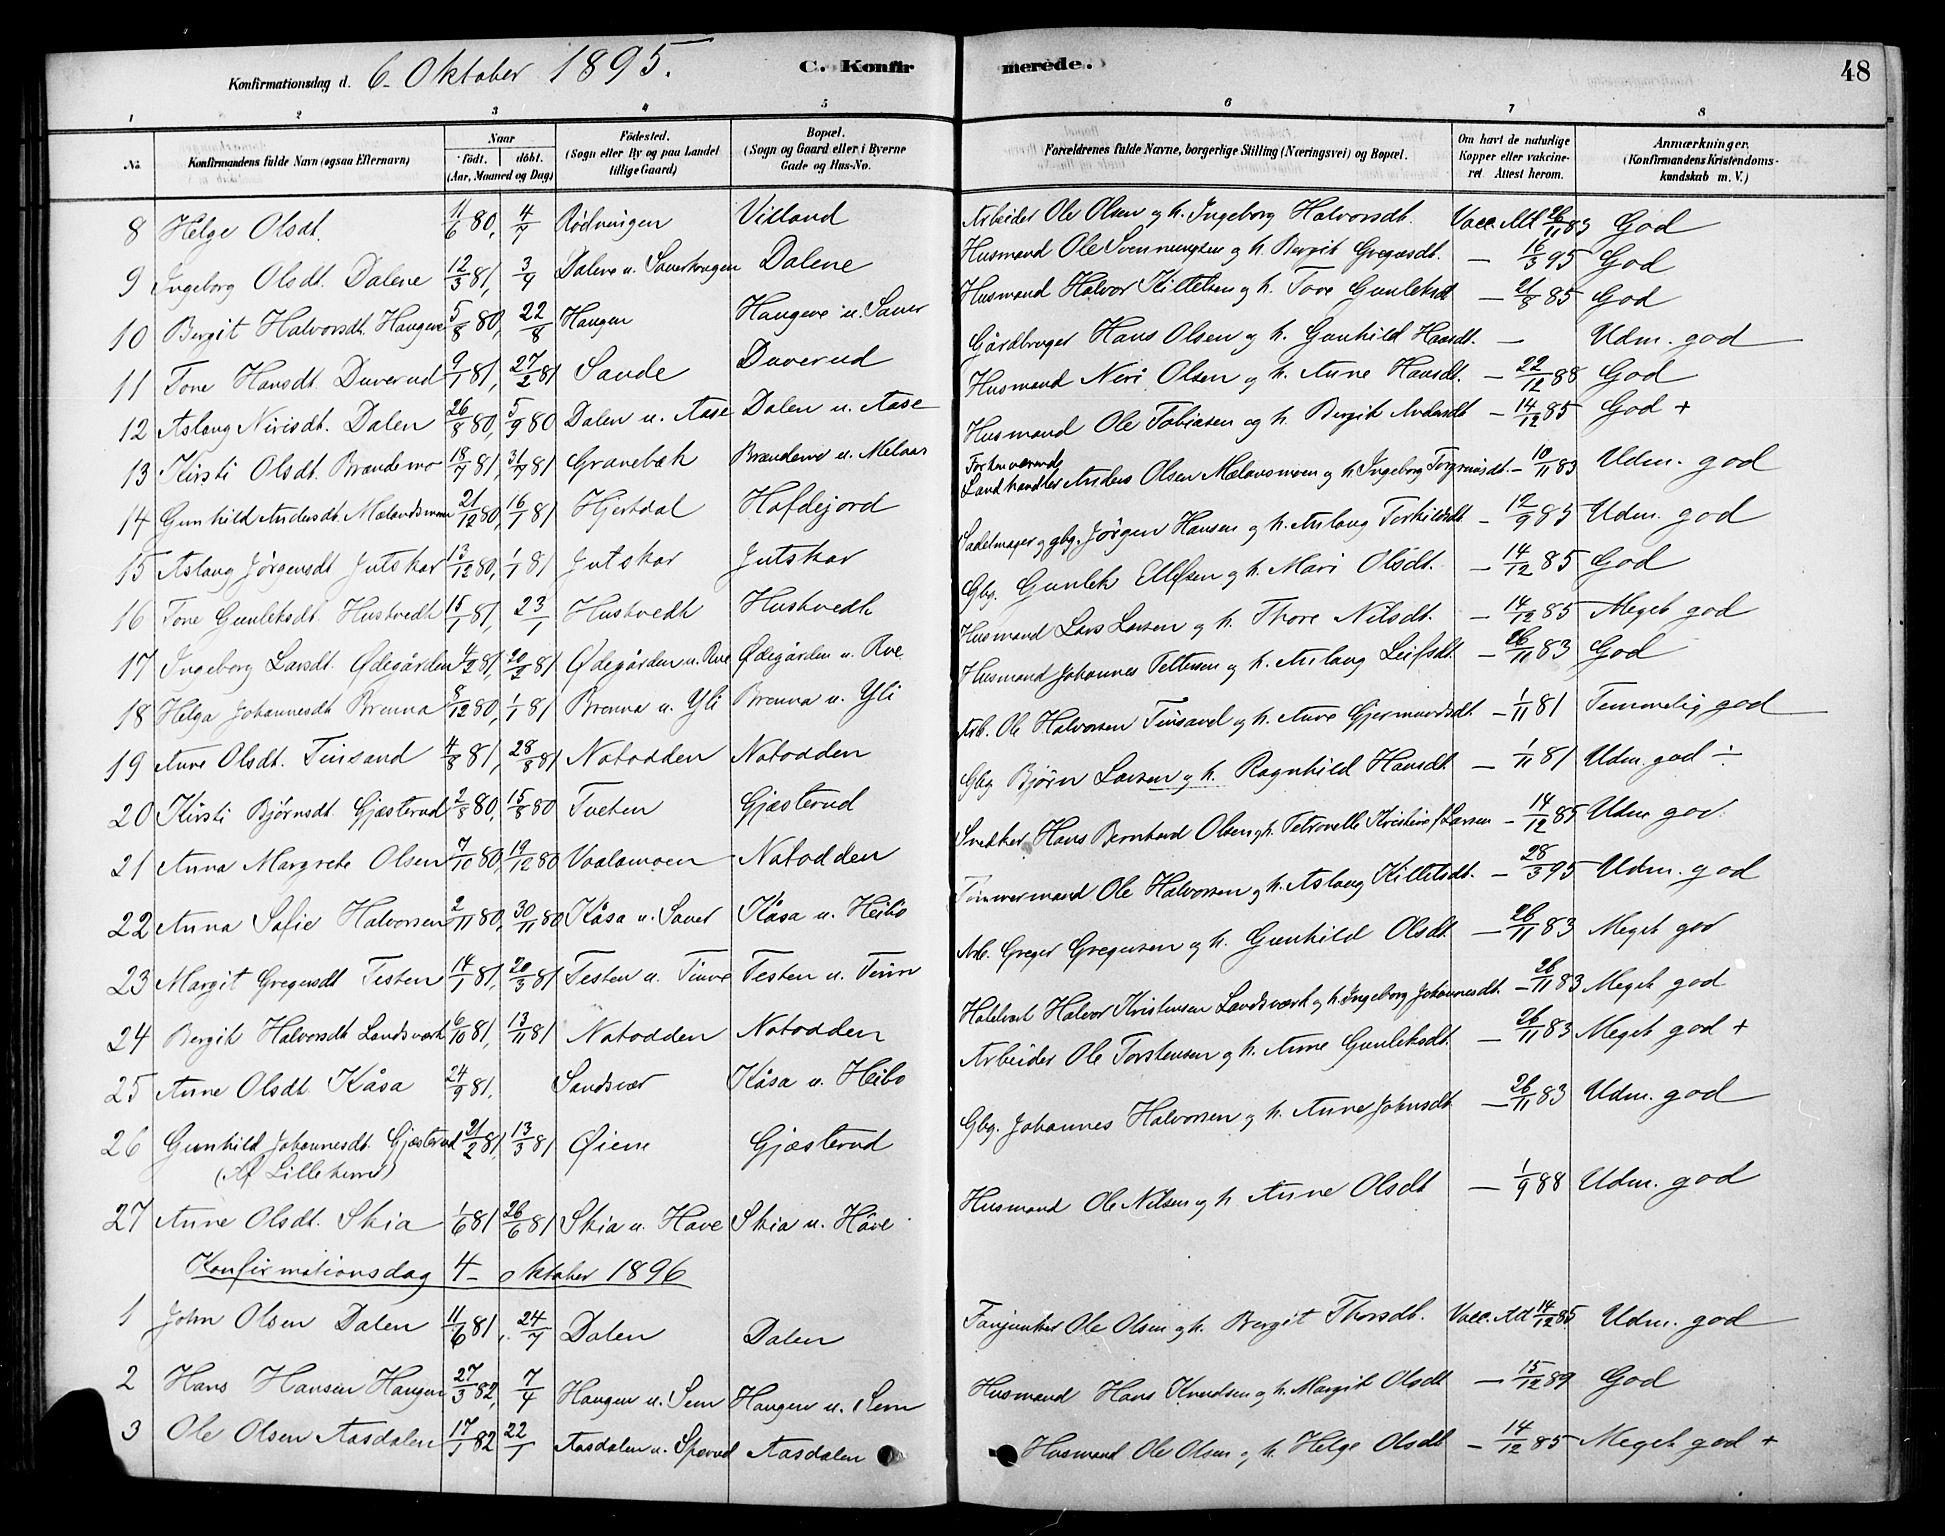 SAKO, Heddal kirkebøker, F/Fa/L0009: Ministerialbok nr. I 9, 1878-1903, s. 48